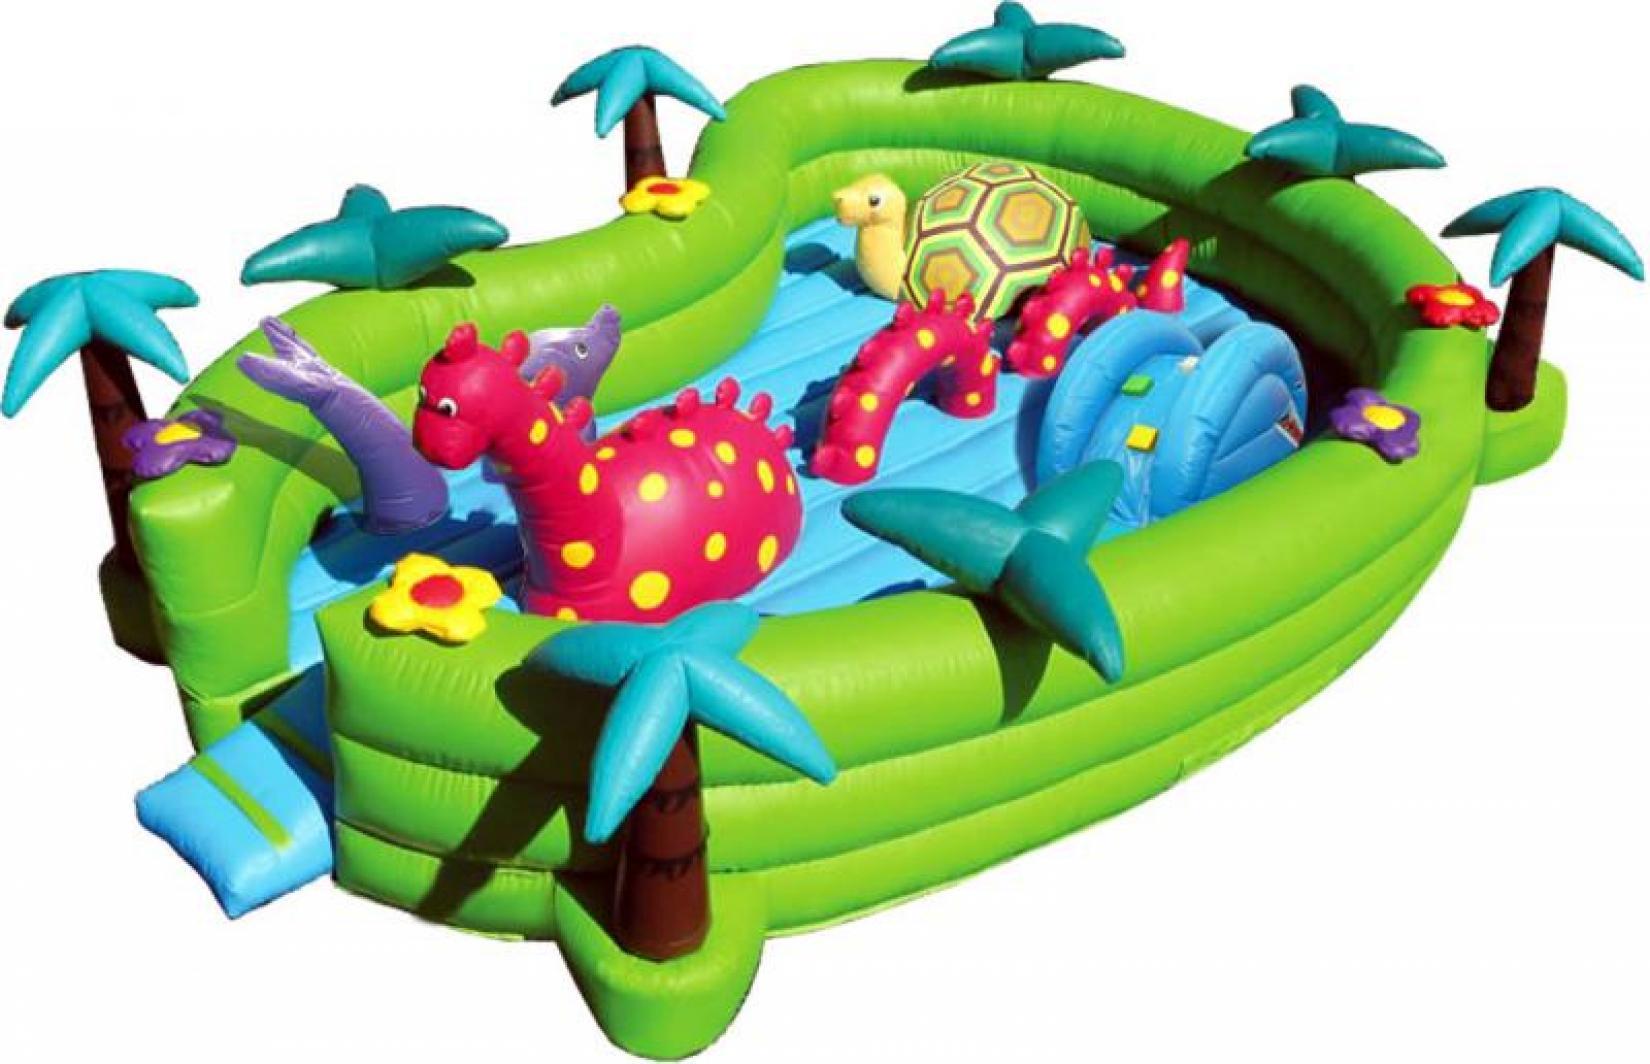 le mini parc de la mer gonflable location chateau gonflable structure gonflable morbihan. Black Bedroom Furniture Sets. Home Design Ideas